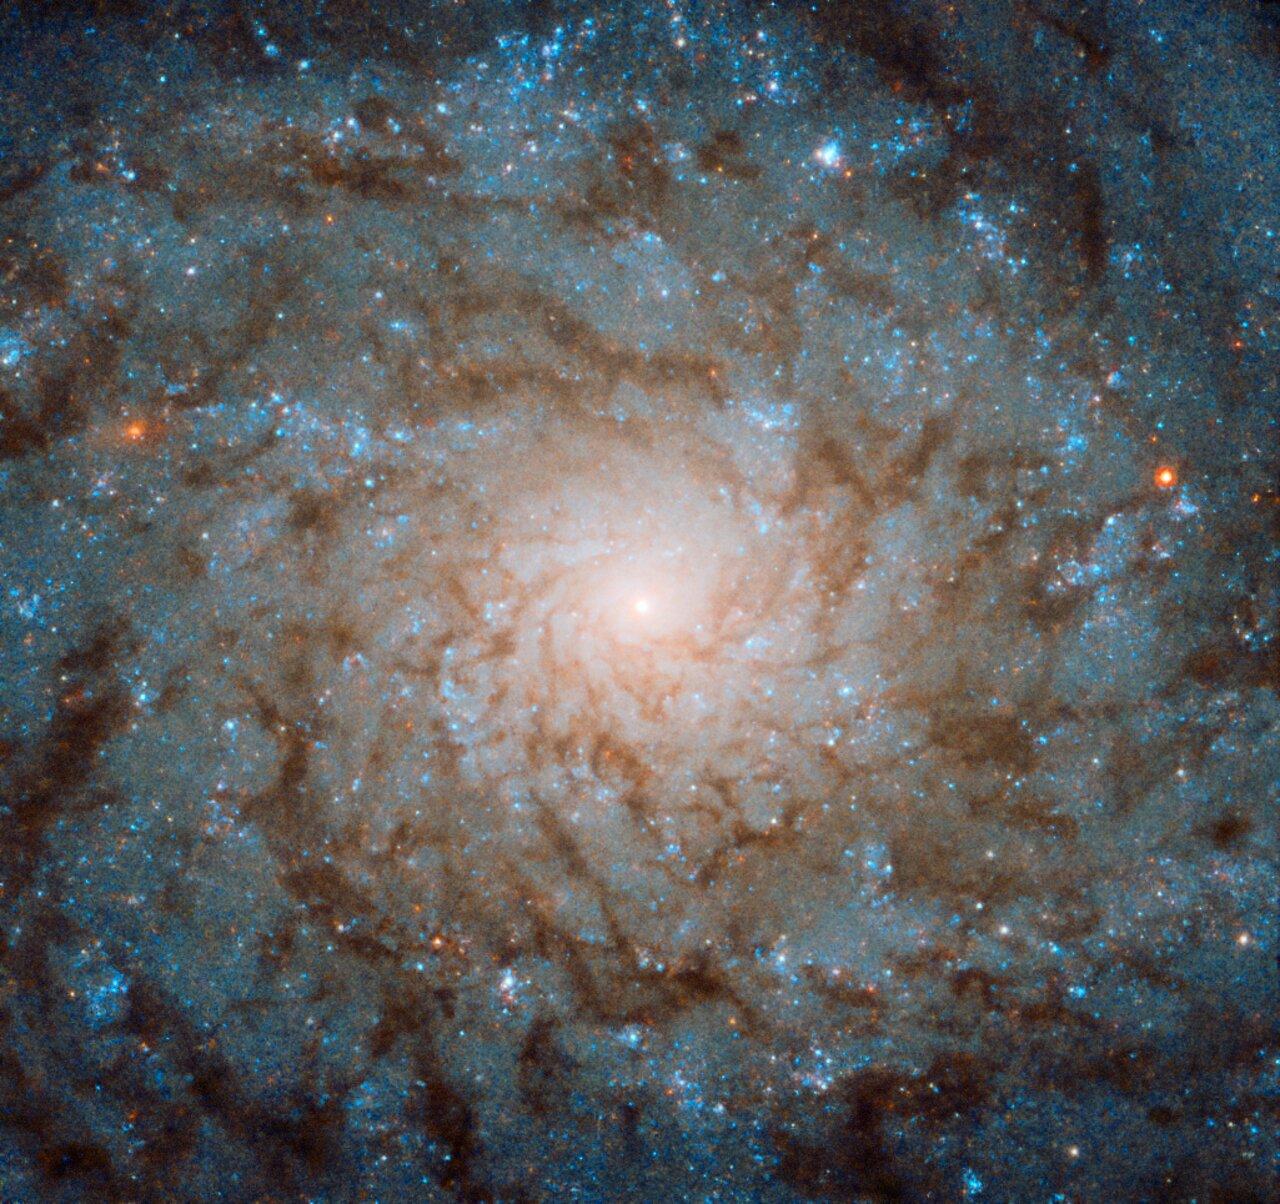 фото всех галактик с телескопа хаббл того